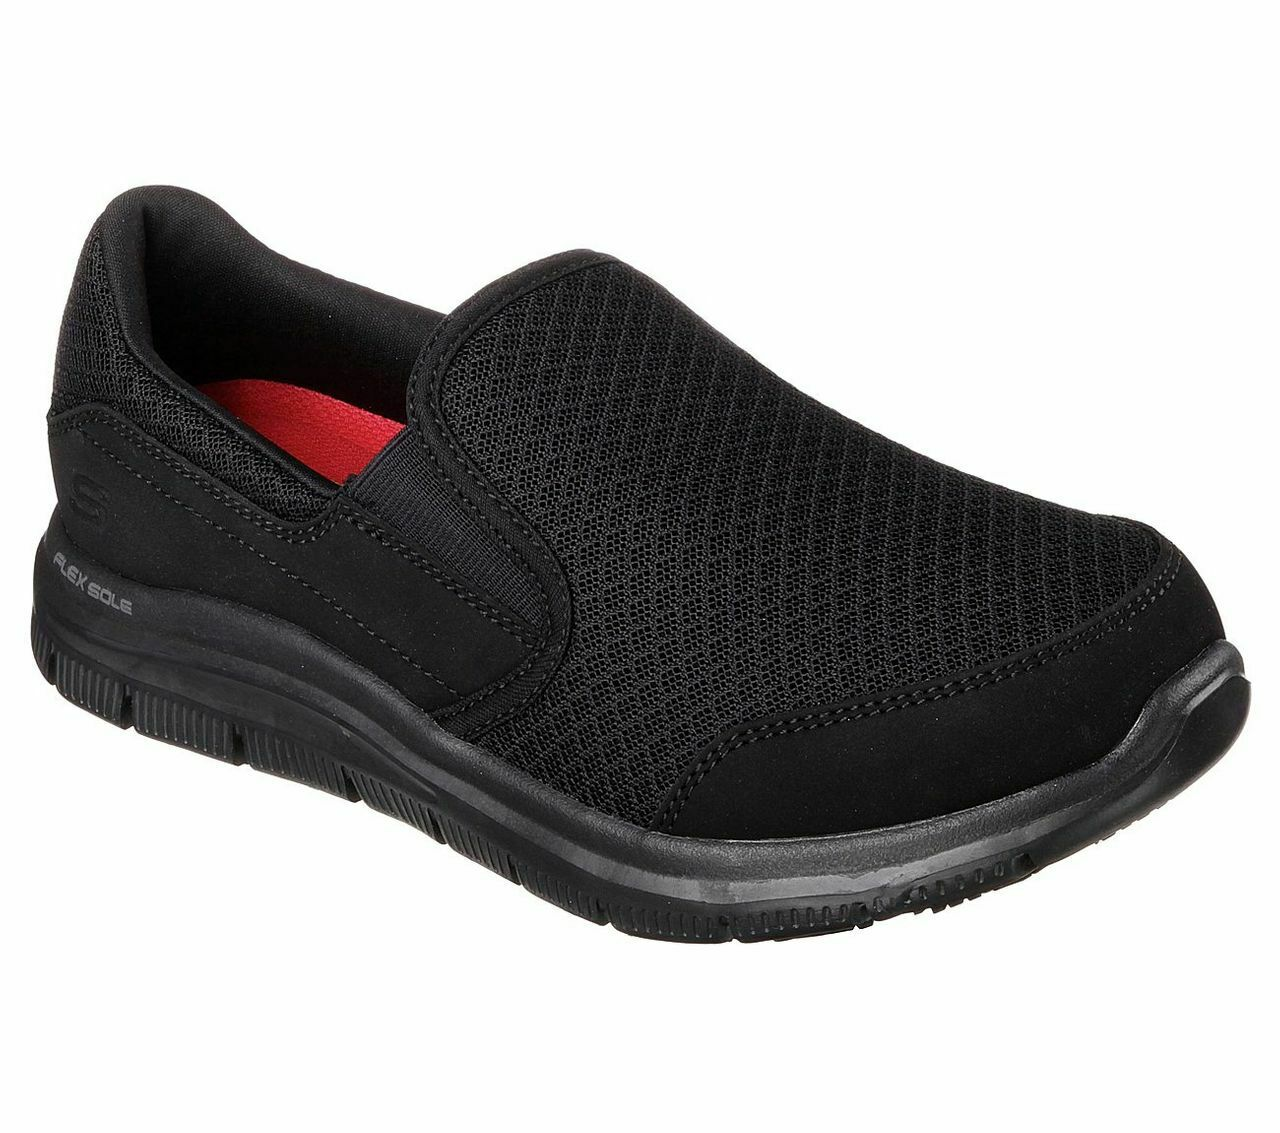 Skechers damen Work COZARD Berufsschuhe Kellner Schuhe Frauen schwarz